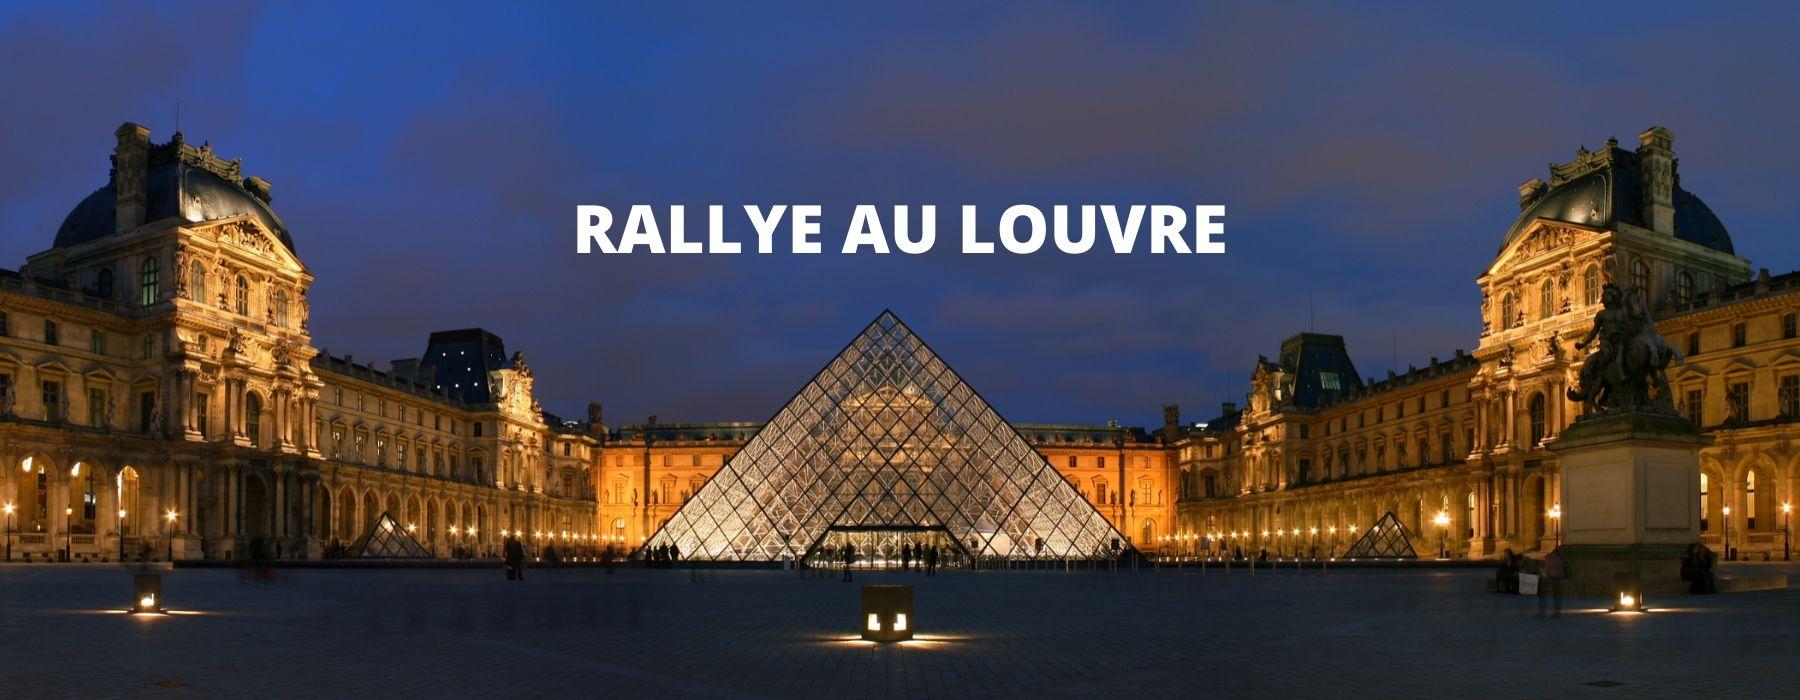 rallye au LOUVRE (1)